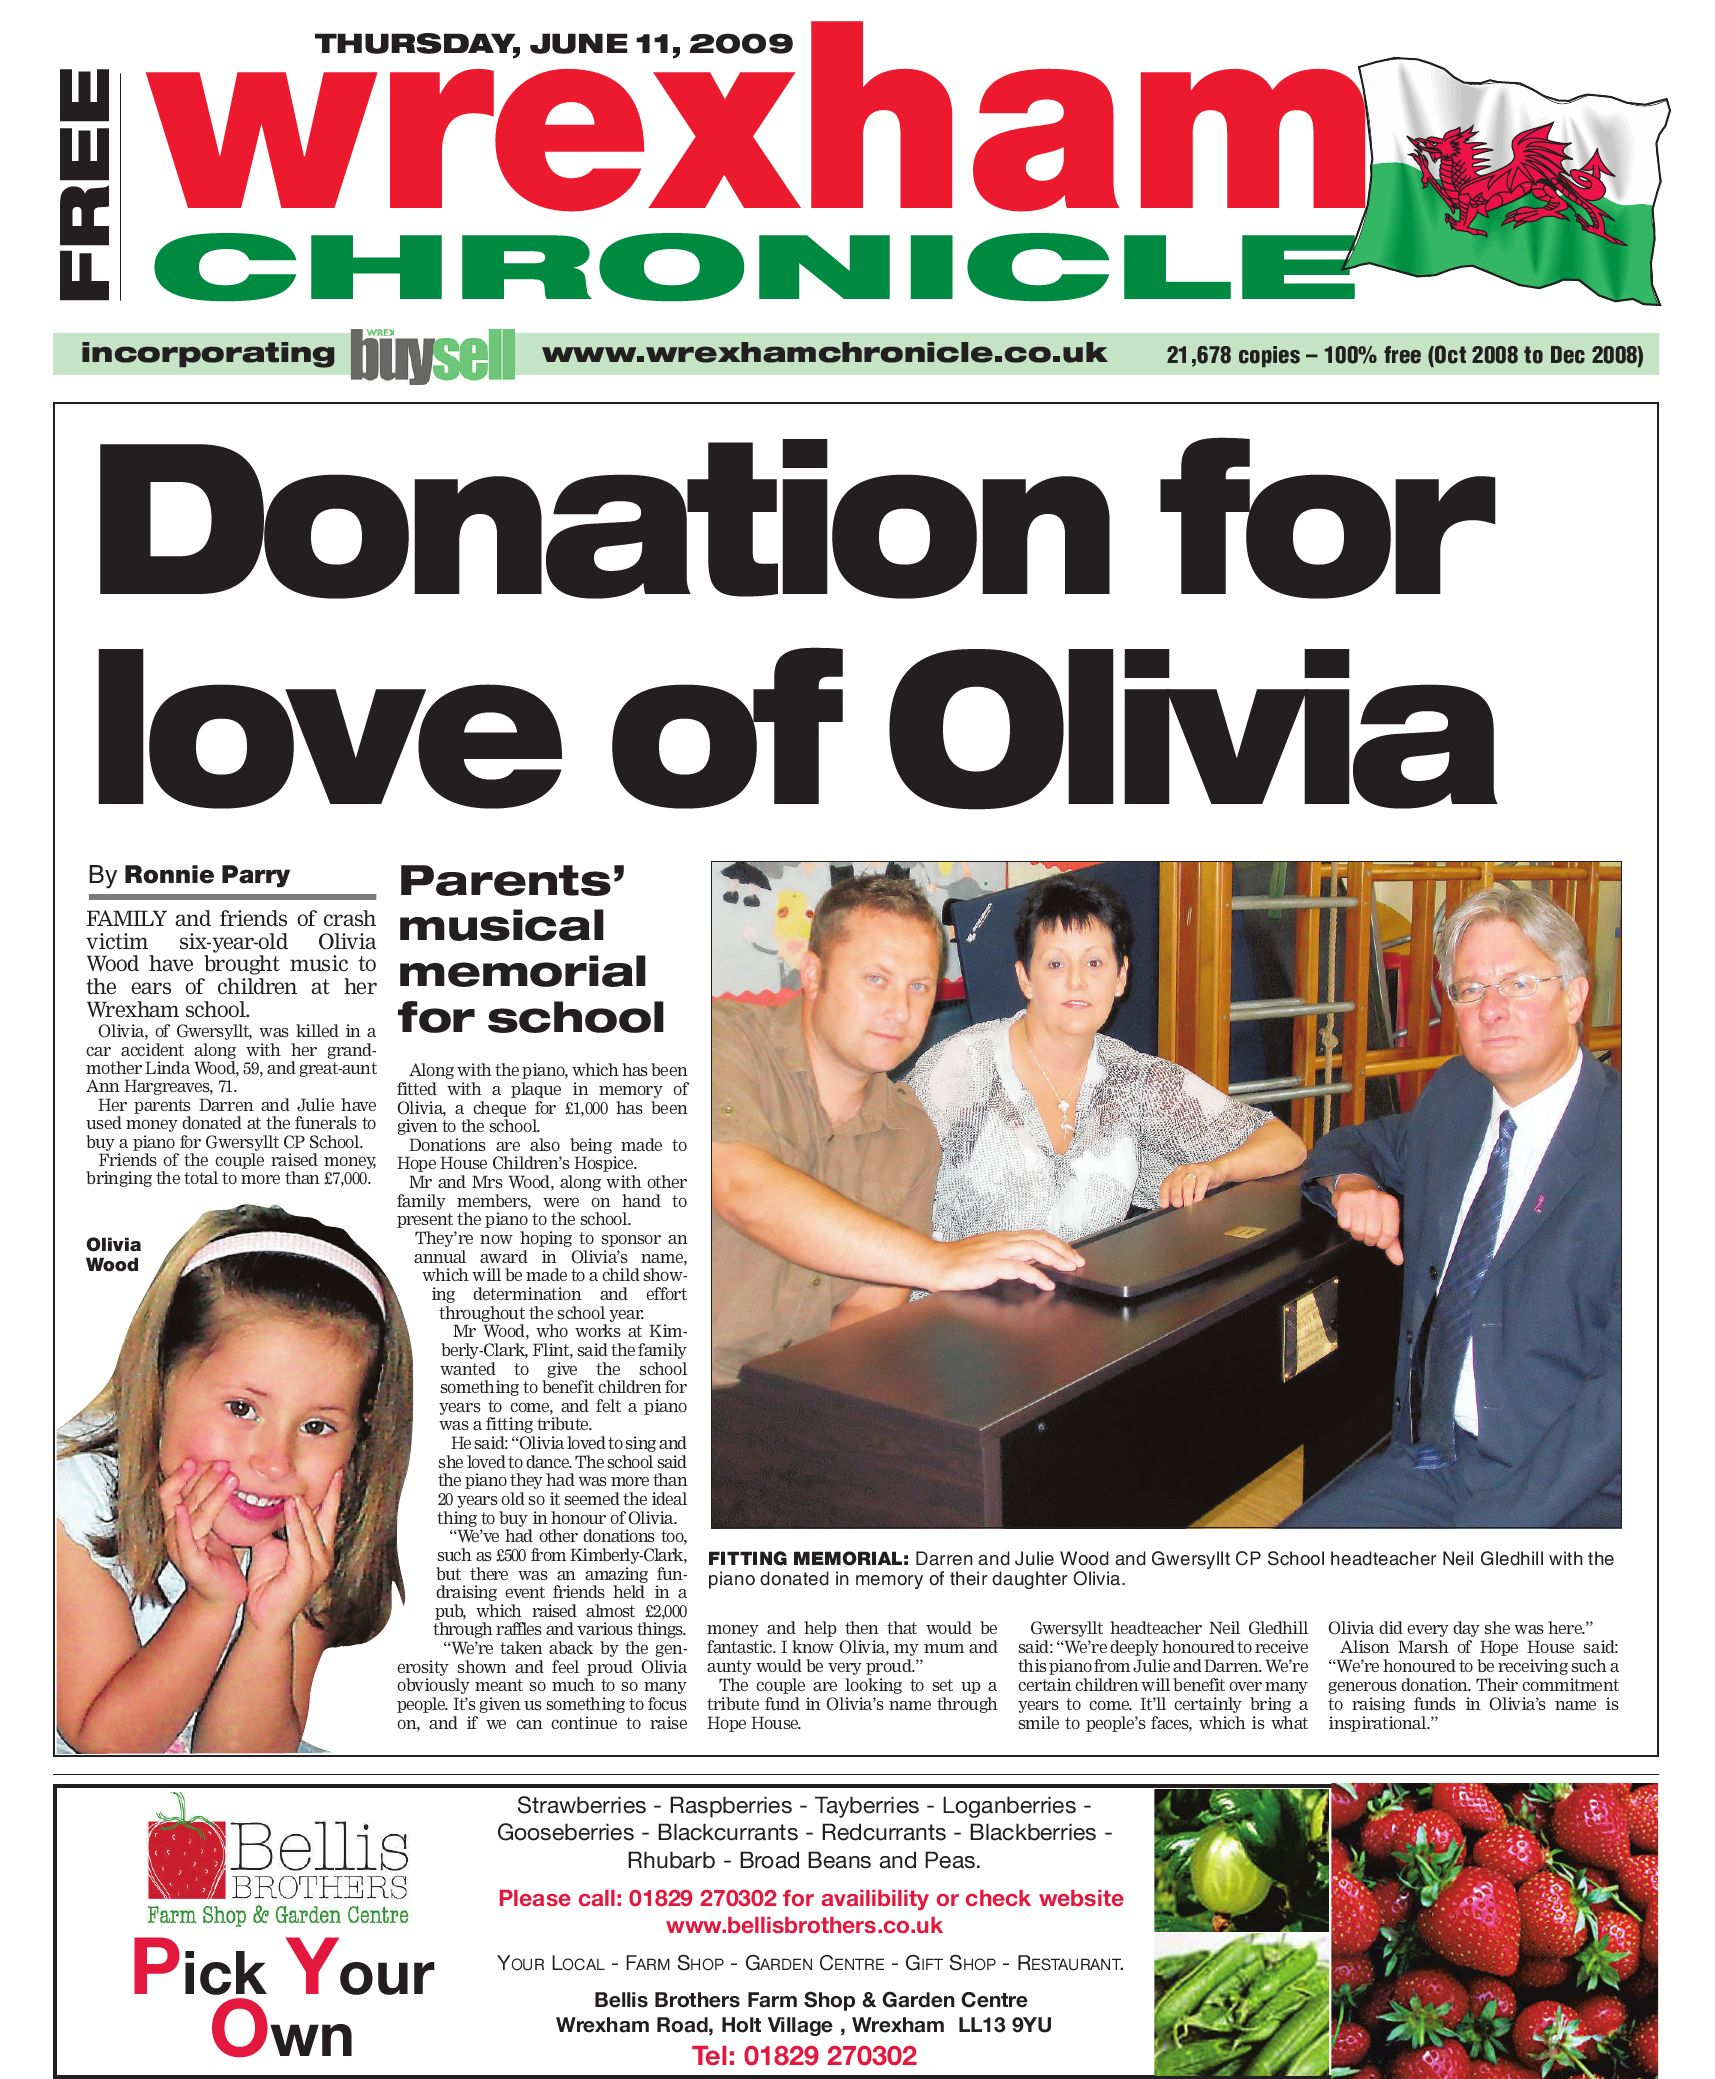 Wrexham Chronicle 11 6 09 By James Shepherd Issuu